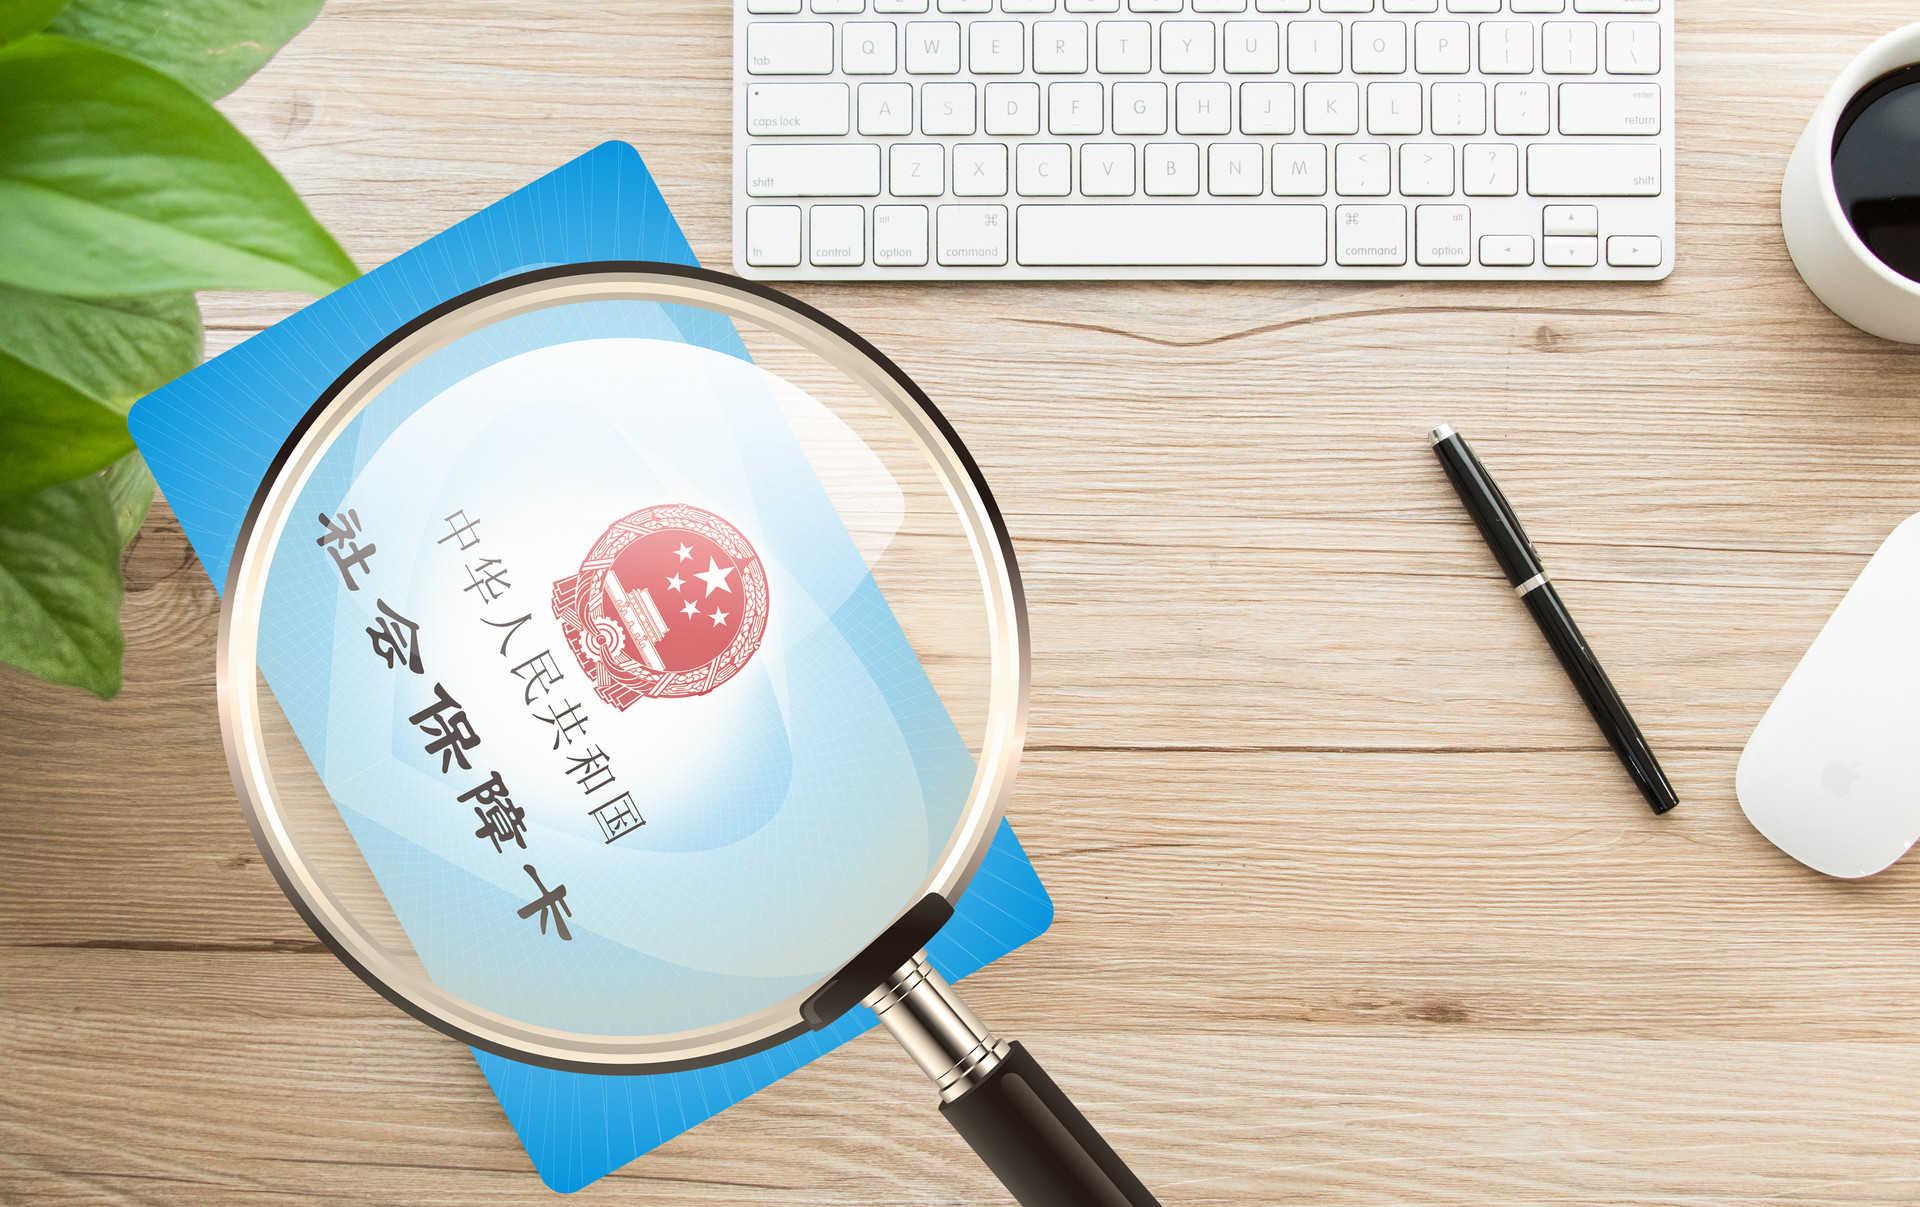 杭州社保代缴资金安全性高,拥有国家认可的劳务资质